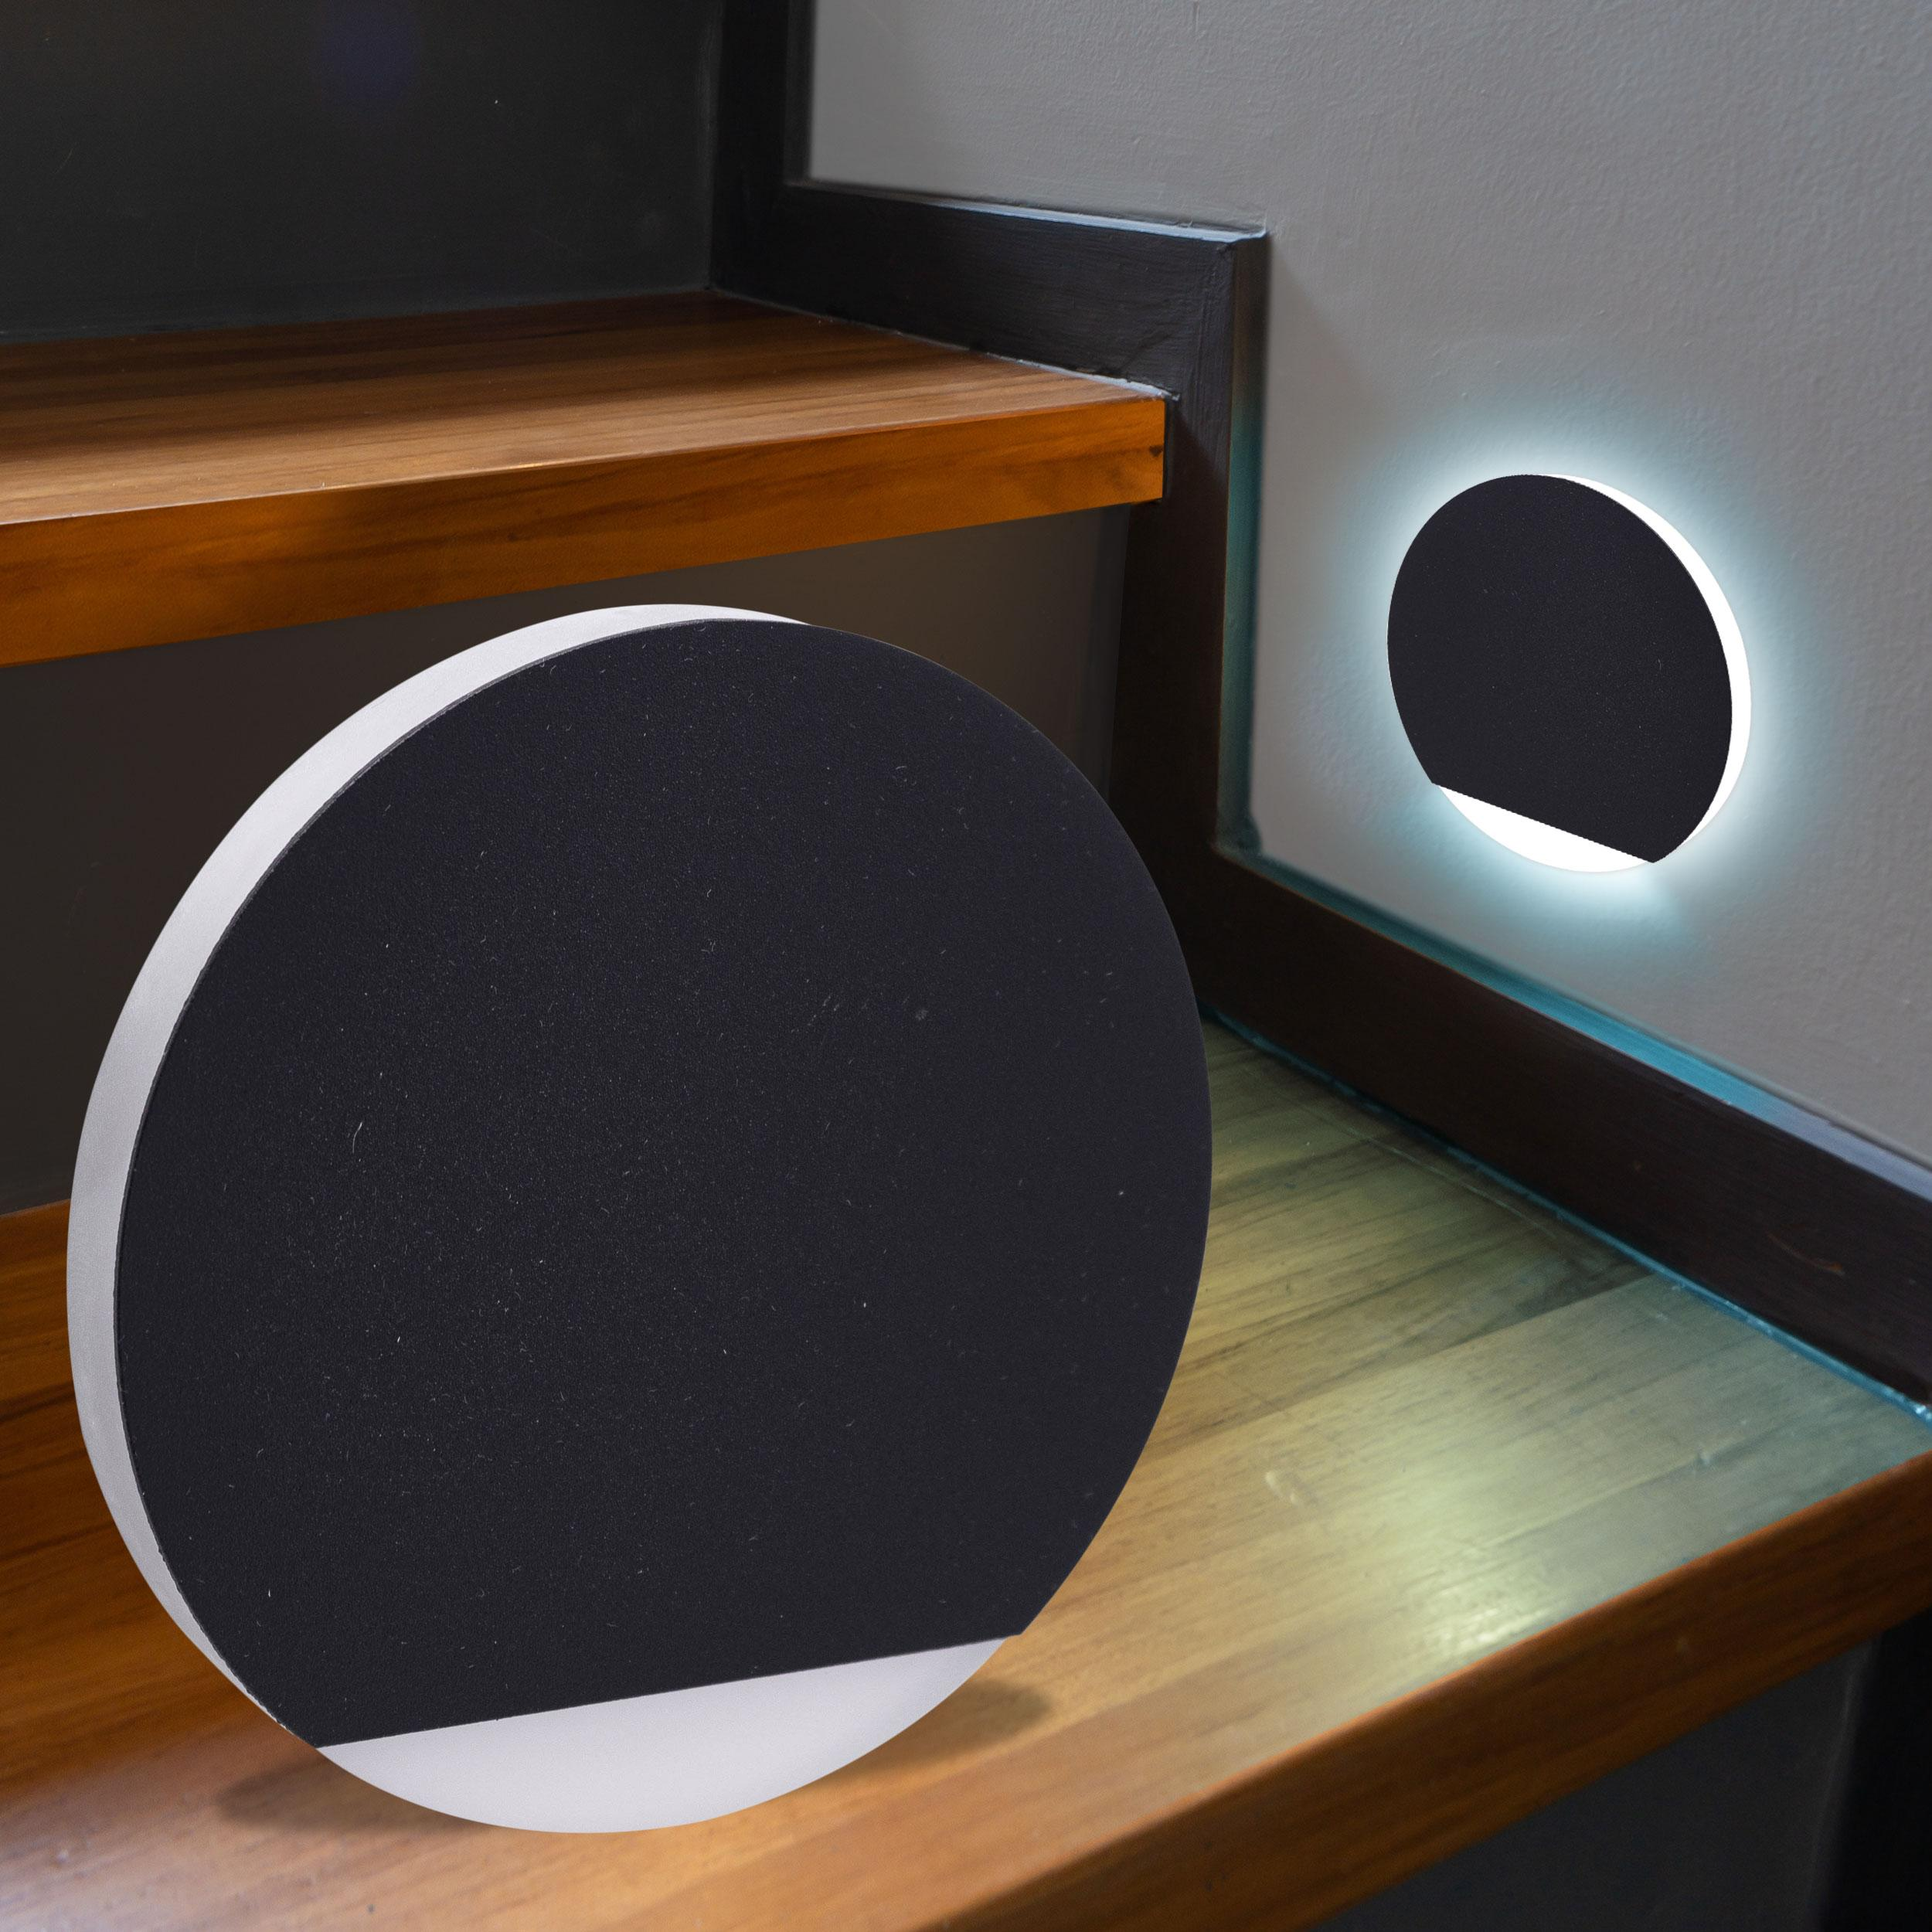 LED Treppenbeleuchtung rund Kaltweiß 230V 1.5W schwarz Lichtaustritt seitlich&frontal